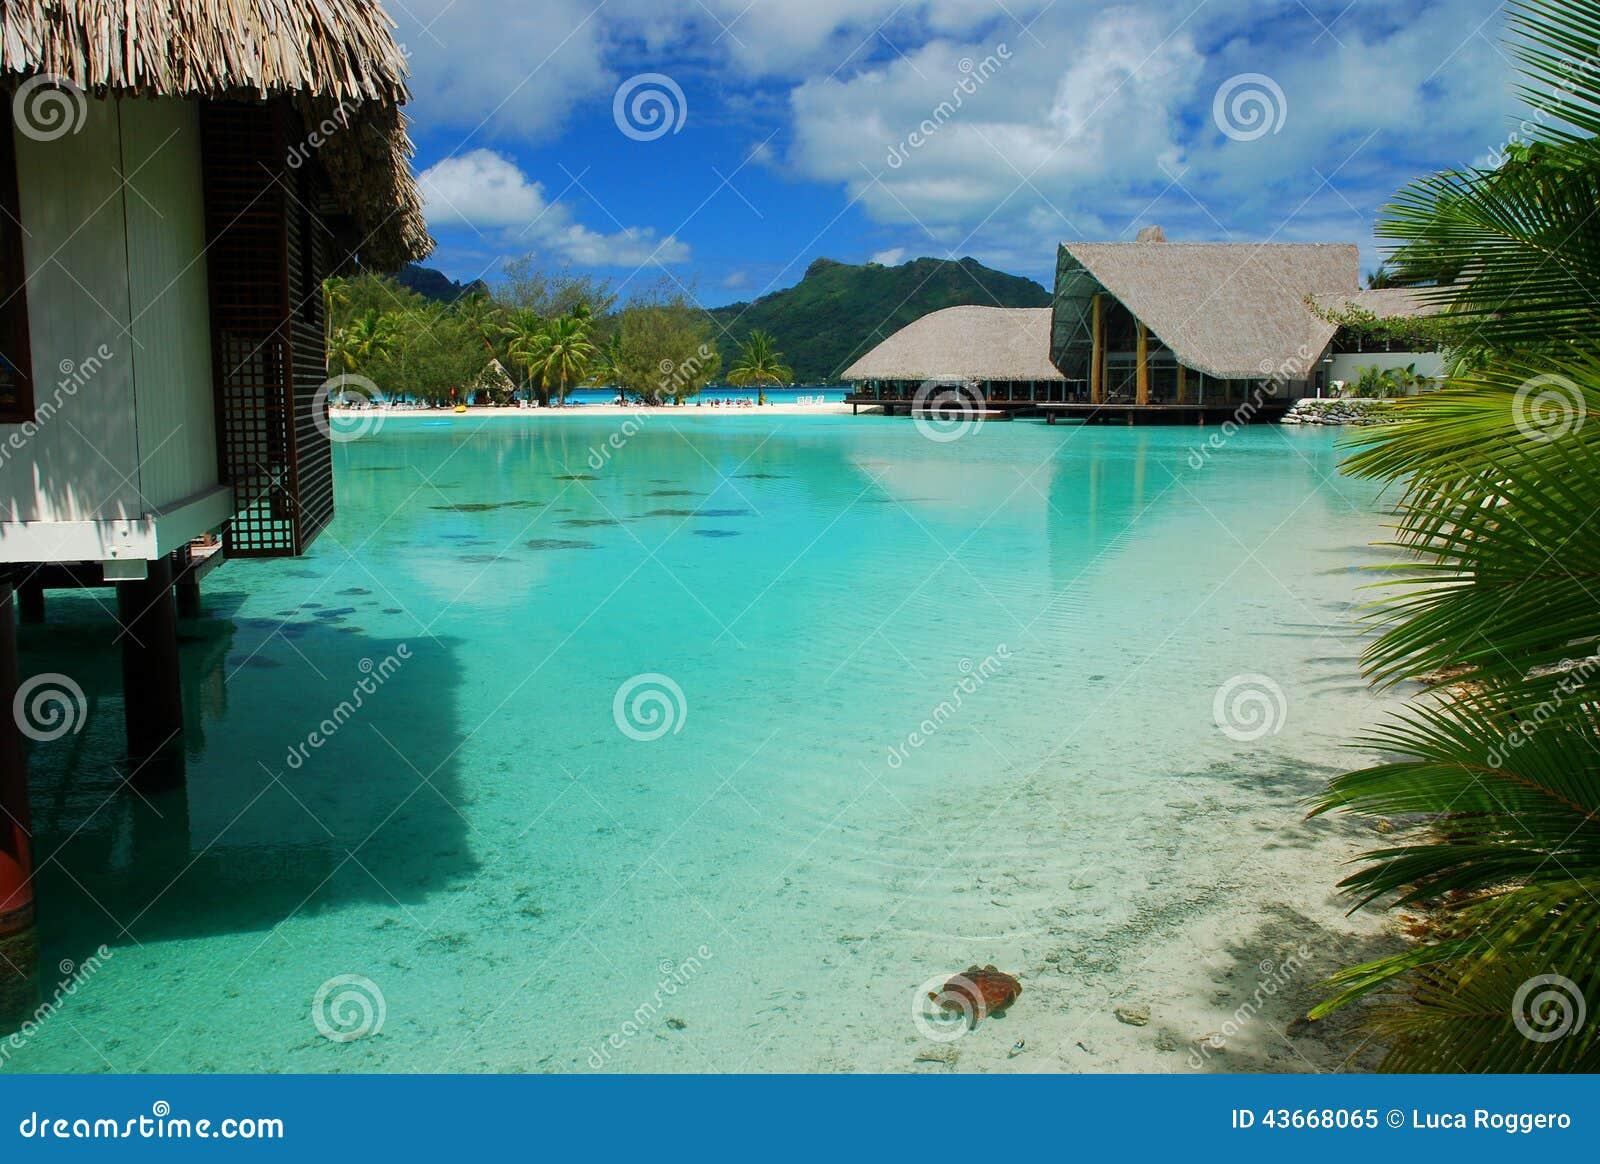 Touristic semesterort borafransman polynesia